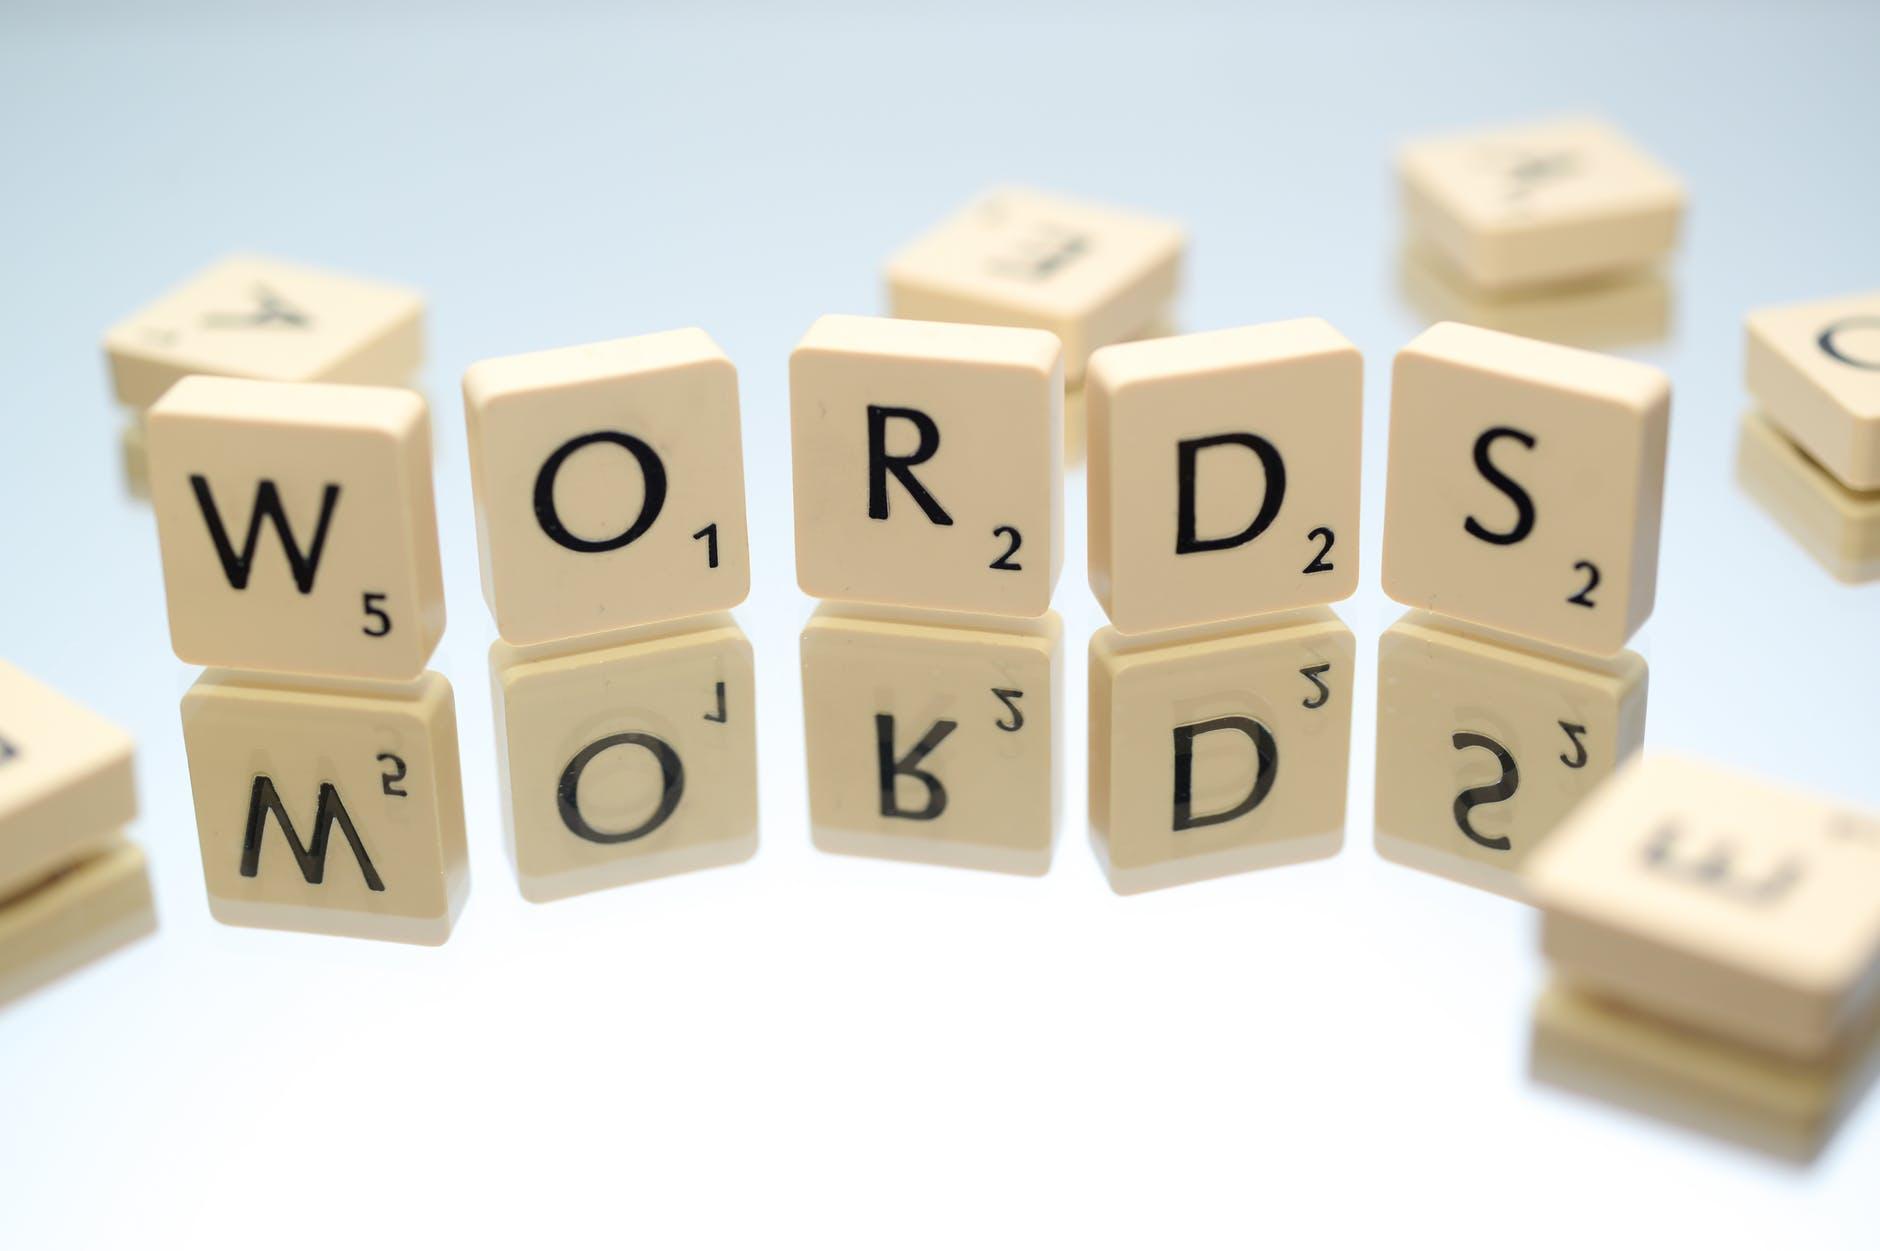 Bạn cần phải bắt đầu với phát âm, từ vựng và ngữ pháp